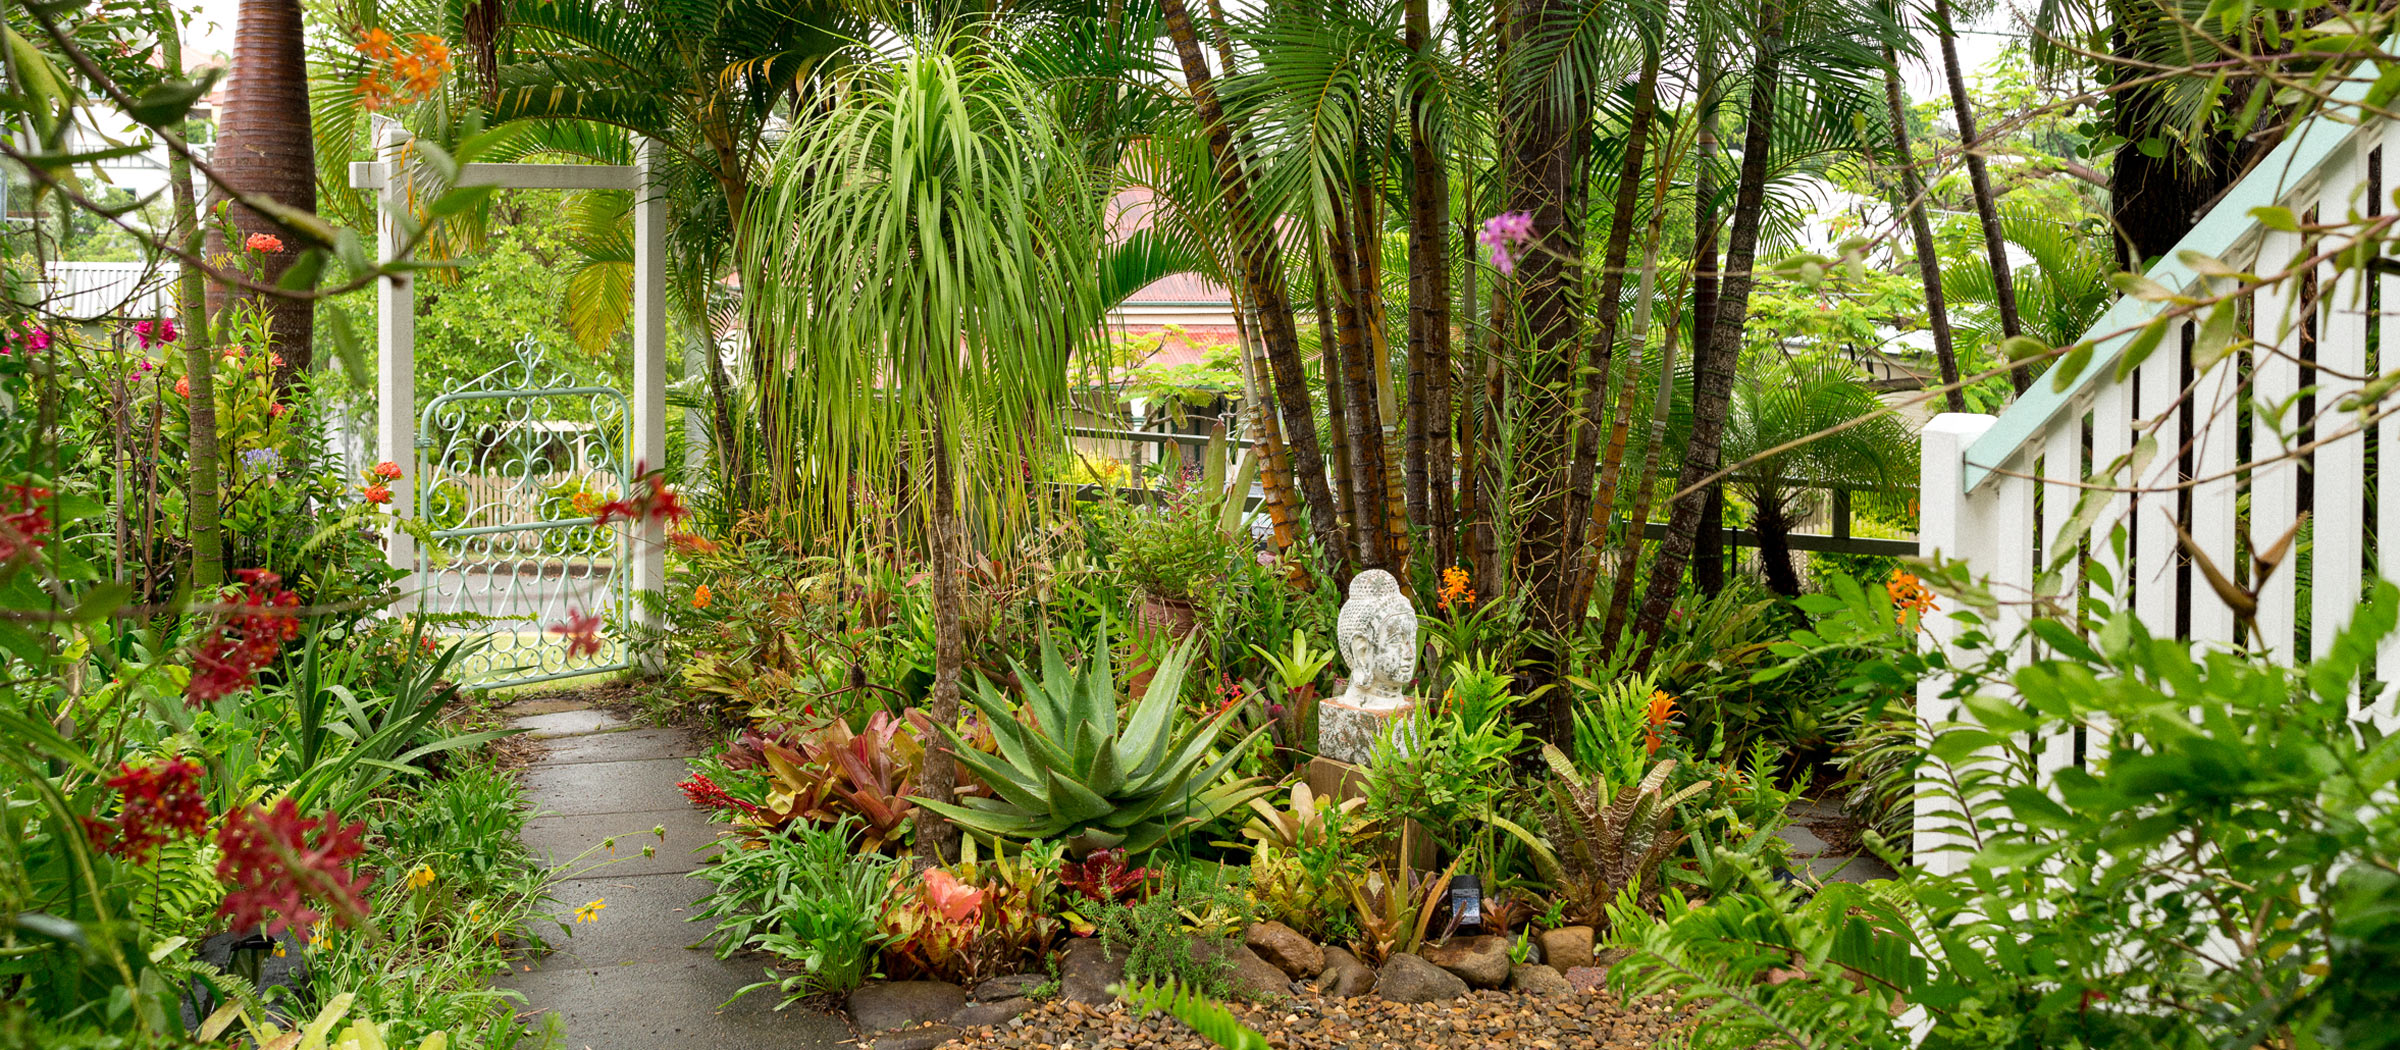 A Tropical Brisbane Garden Wonderland - The Planthunter